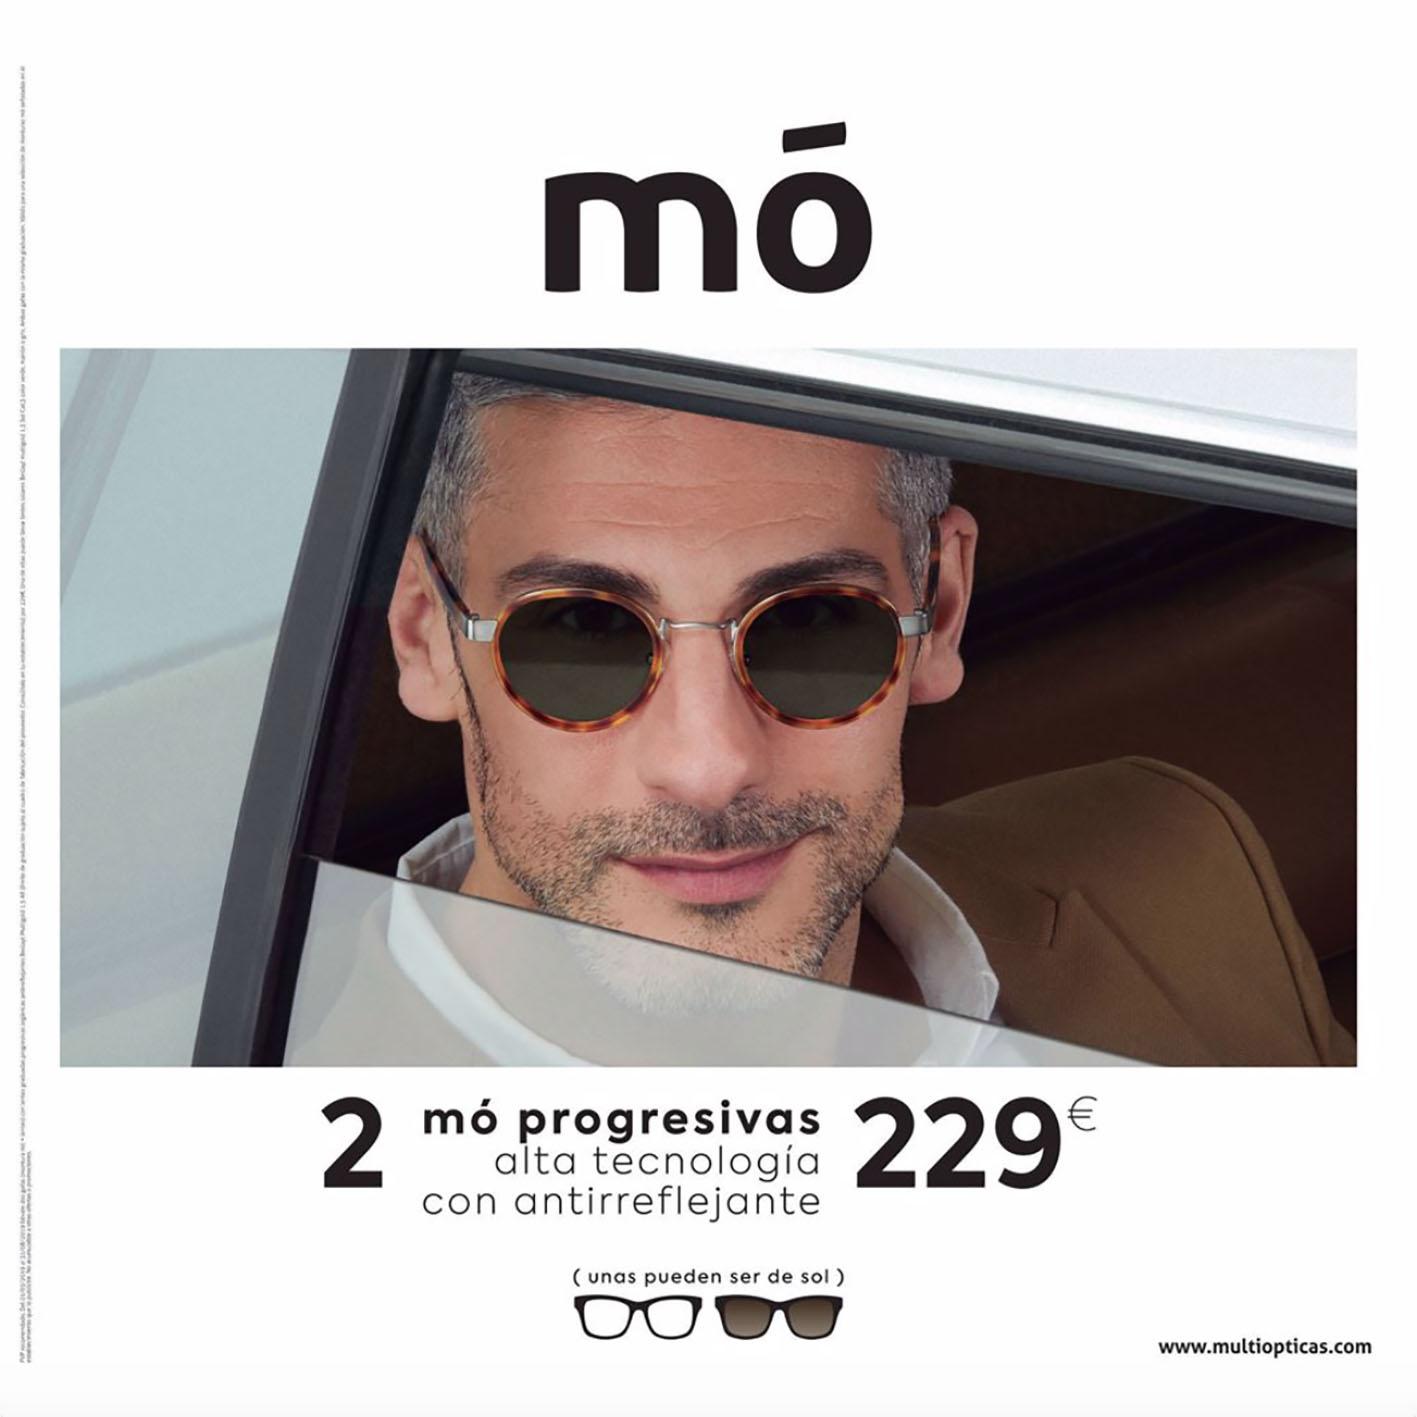 Multiopticas-campaña-marzo-51.jpg